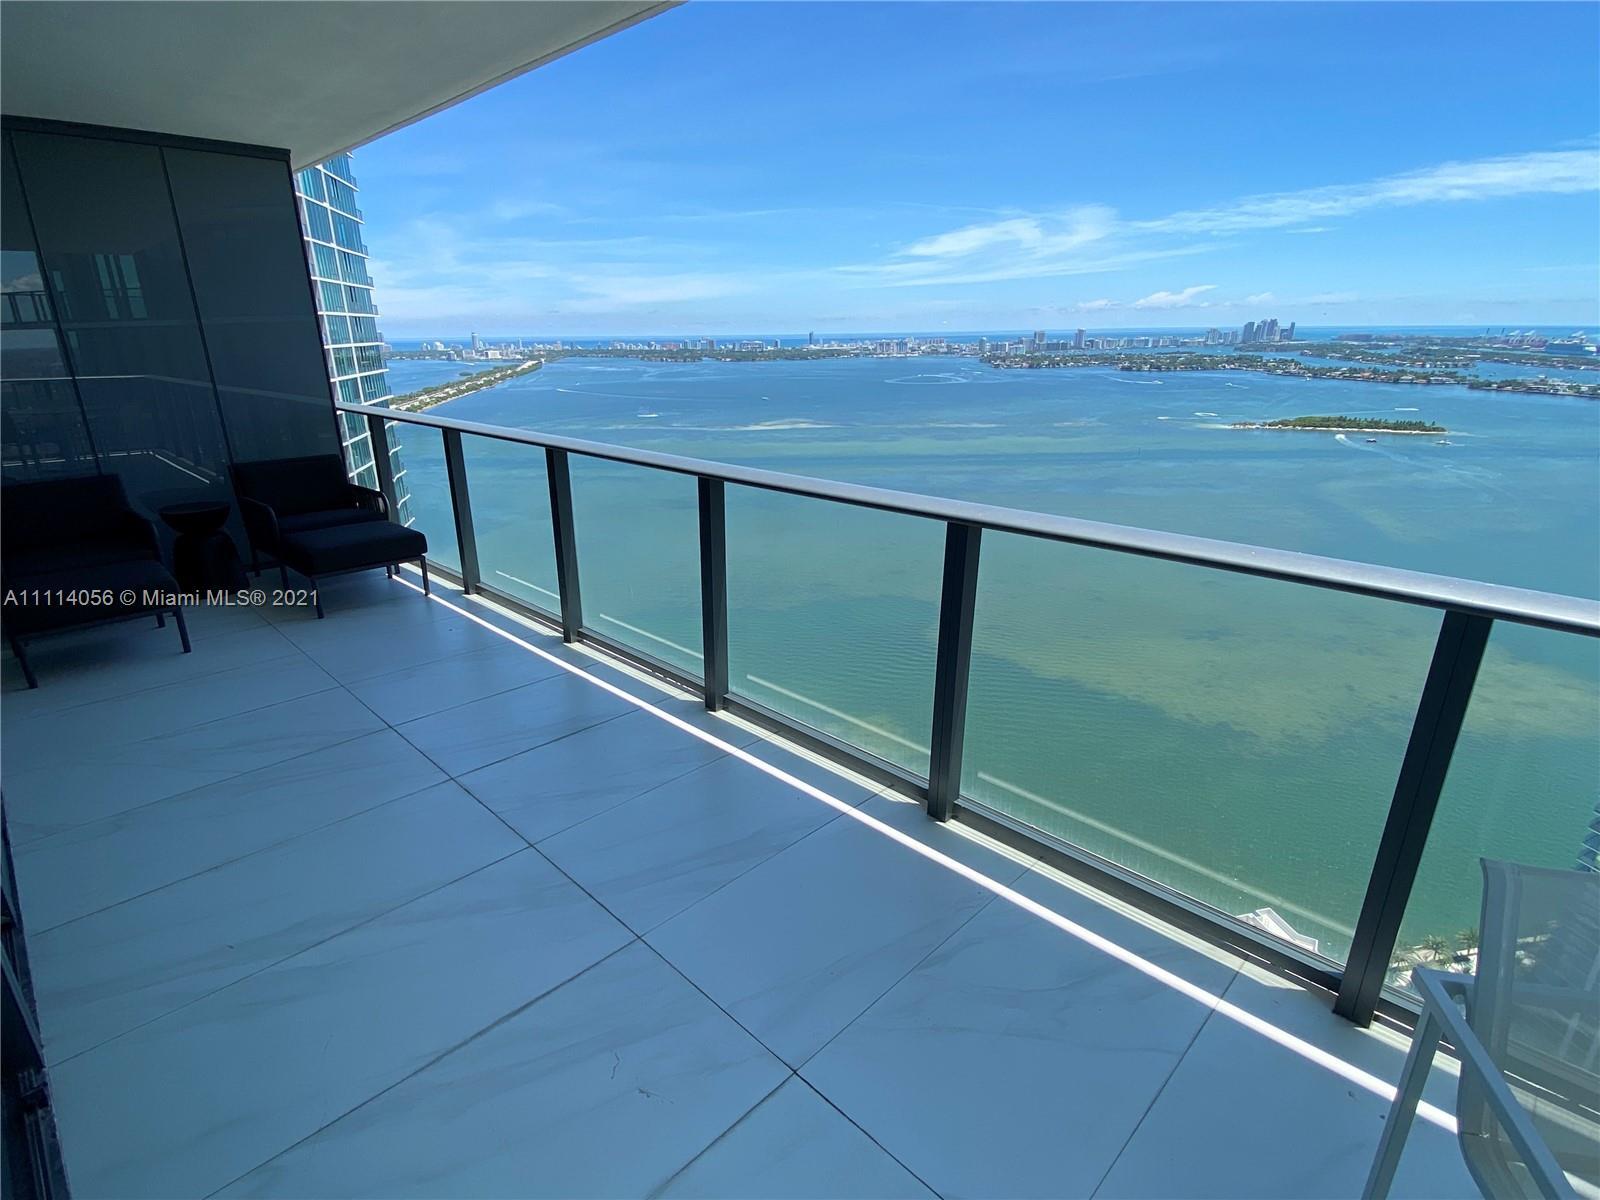 PARAISO BAY CONDO Condo,For Sale,PARAISO BAY CONDO Brickell,realty,broker,condos near me